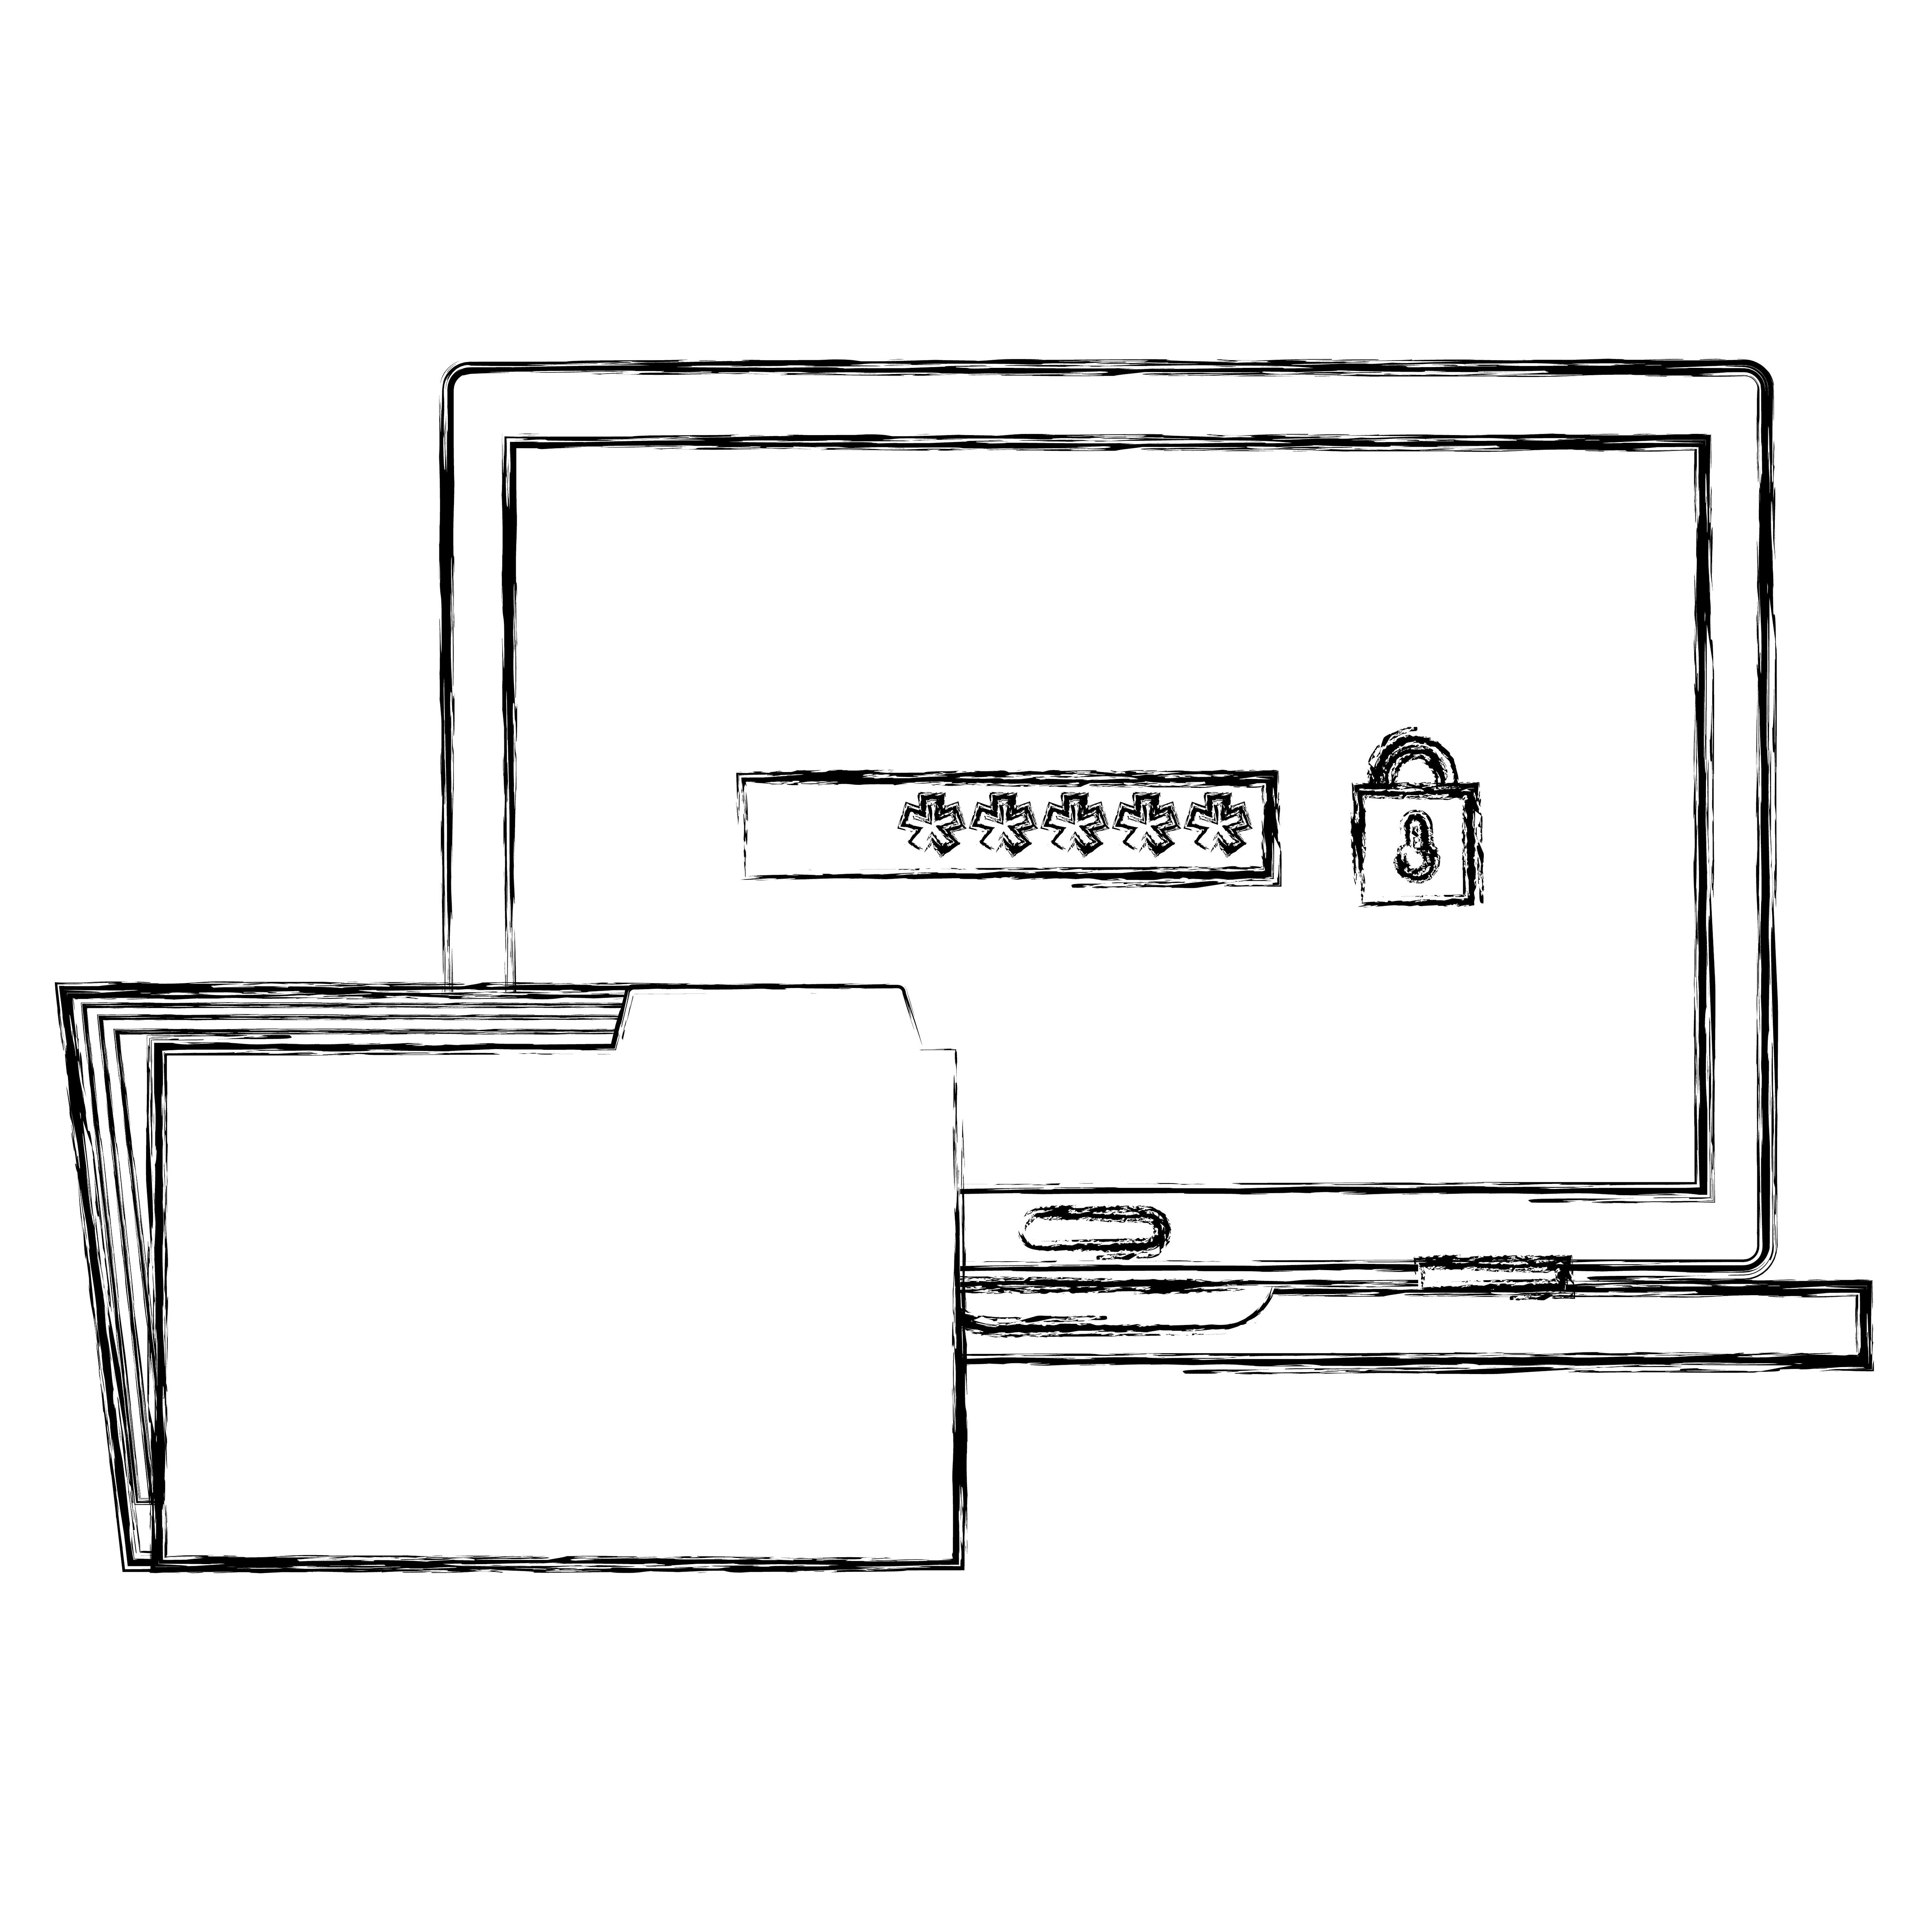 Solopreneur / Freelancer Secure Setup